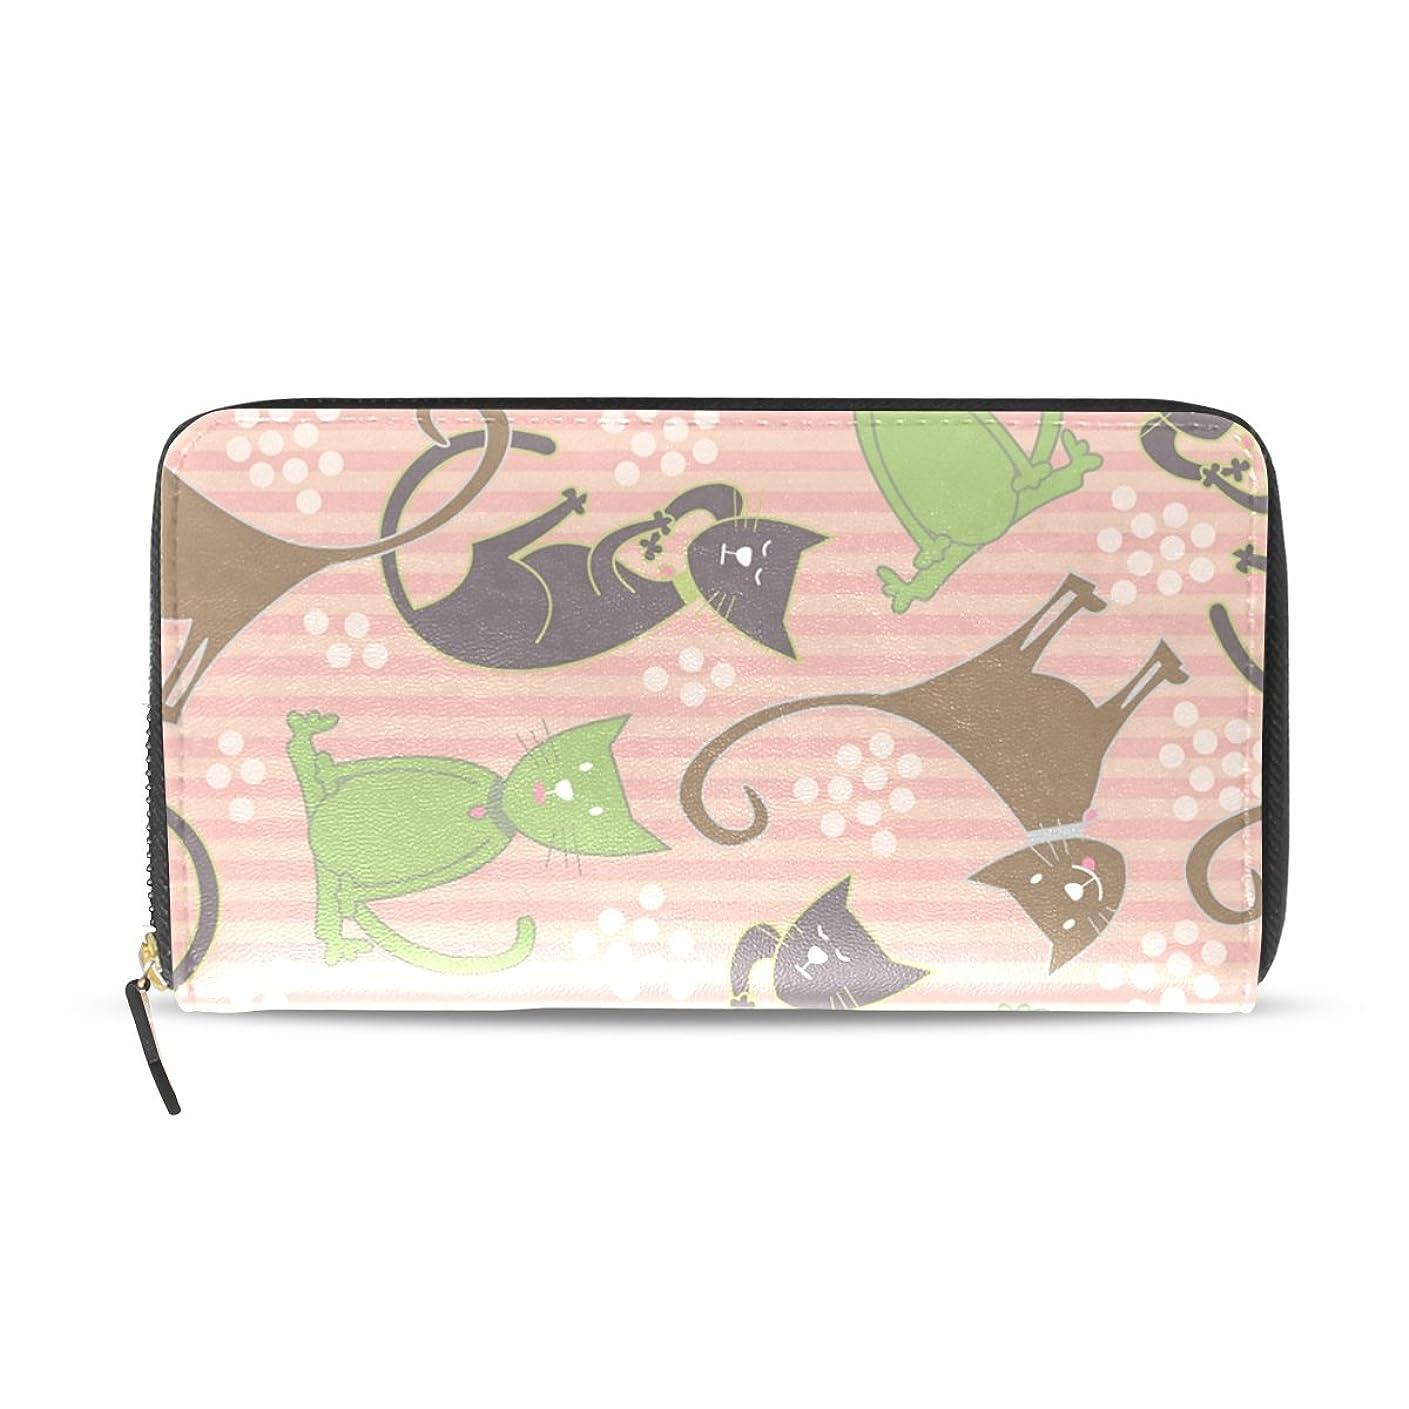 債務者ペックオークマキク(MAKIKU) 財布 レディース 長財布 猫モチーフ 可愛い ピンク 革 大容量 ラウンドファスナー ウォレット PUレザー コインケース カード12枚収納 プレゼント対応